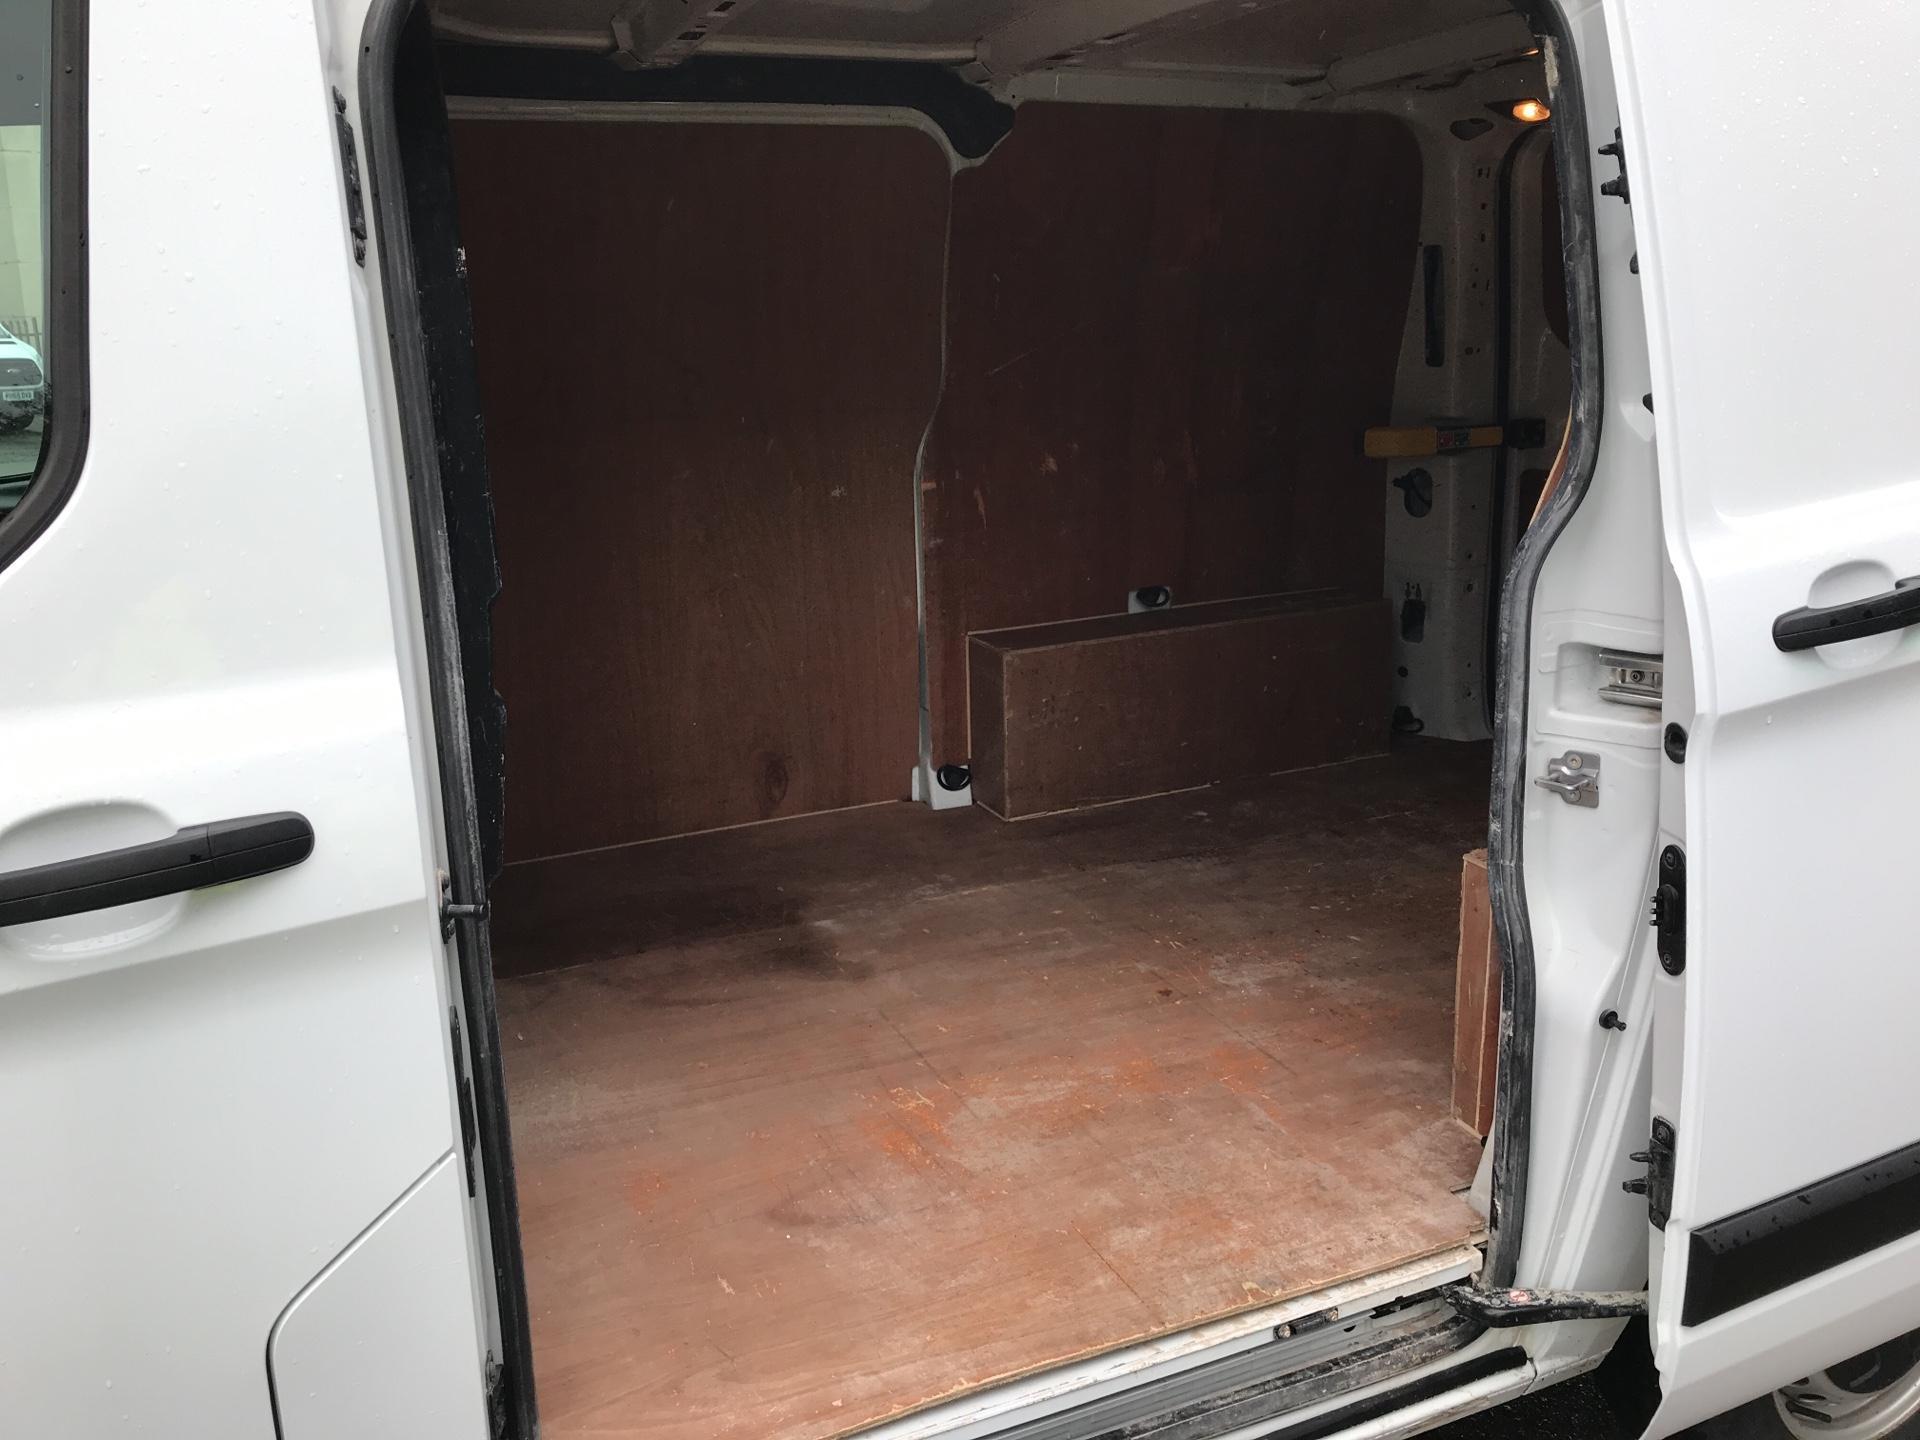 2017 Ford Transit Custom 290 L1 DIESEL FWD 2.0 TDCI 105PS LOW ROOF VAN EURO 6 (FL17VMF) Image 19